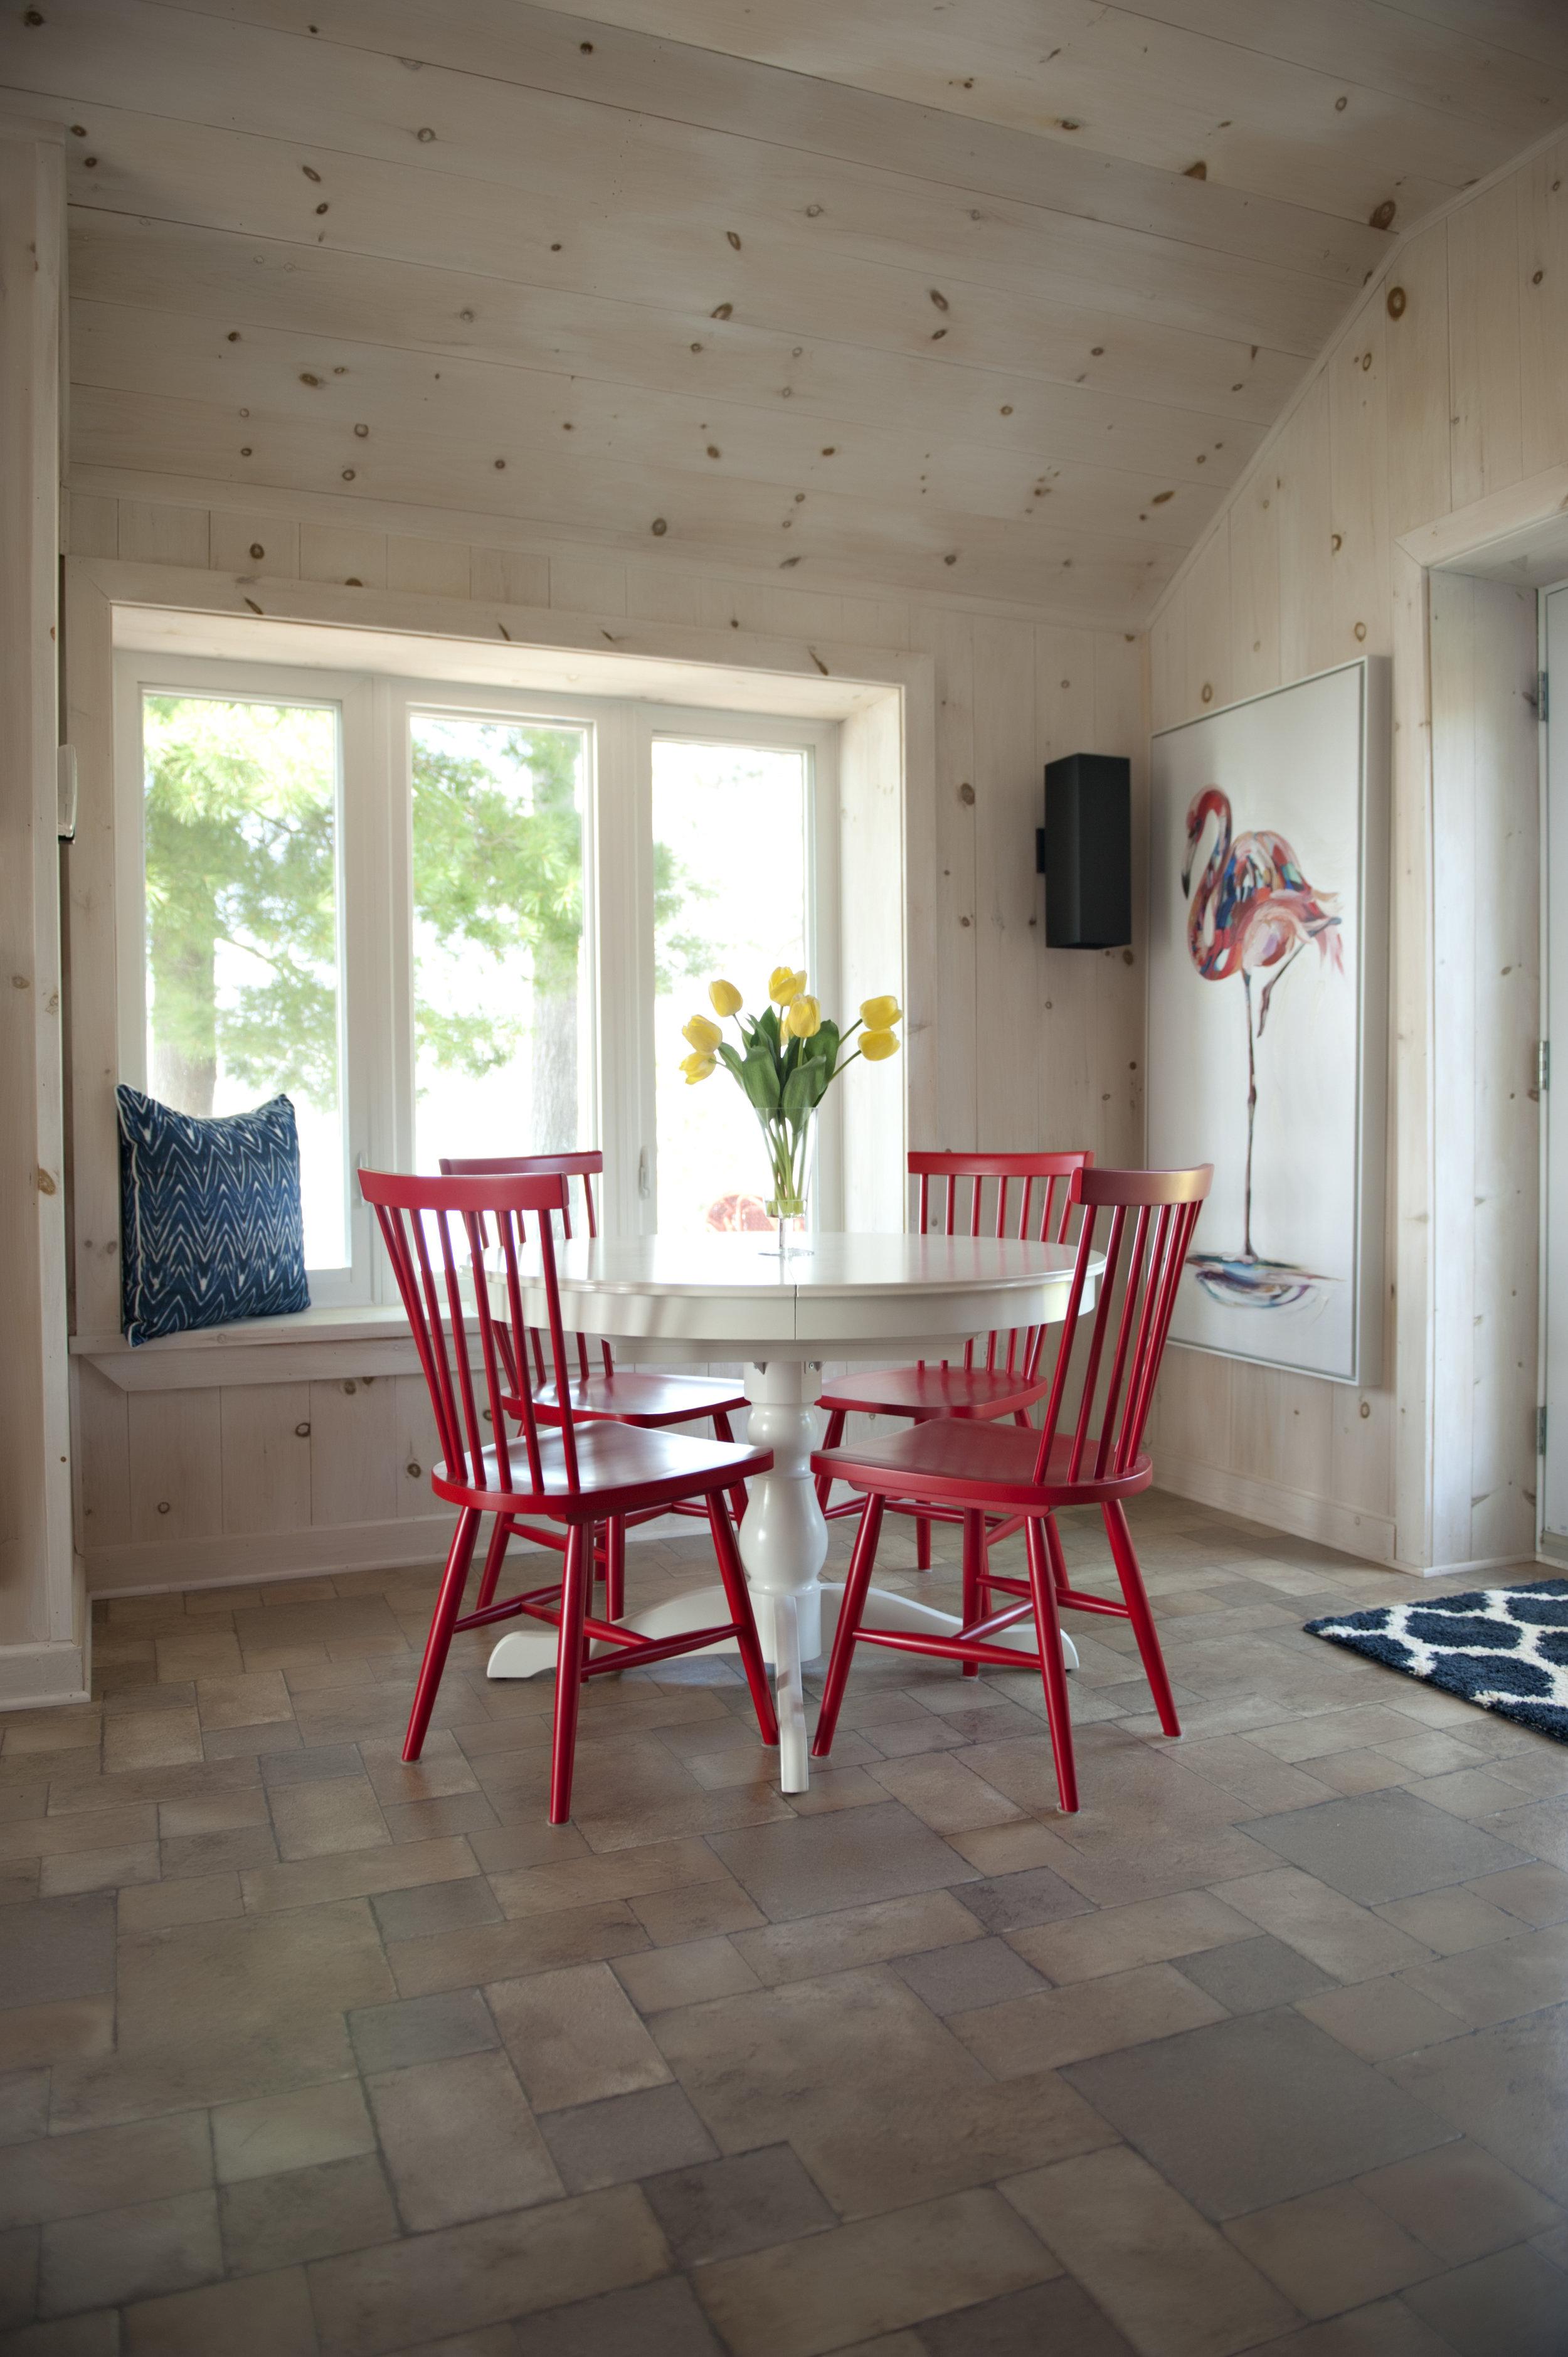 Candace-Plotz-Design-Beach-House-2-Table